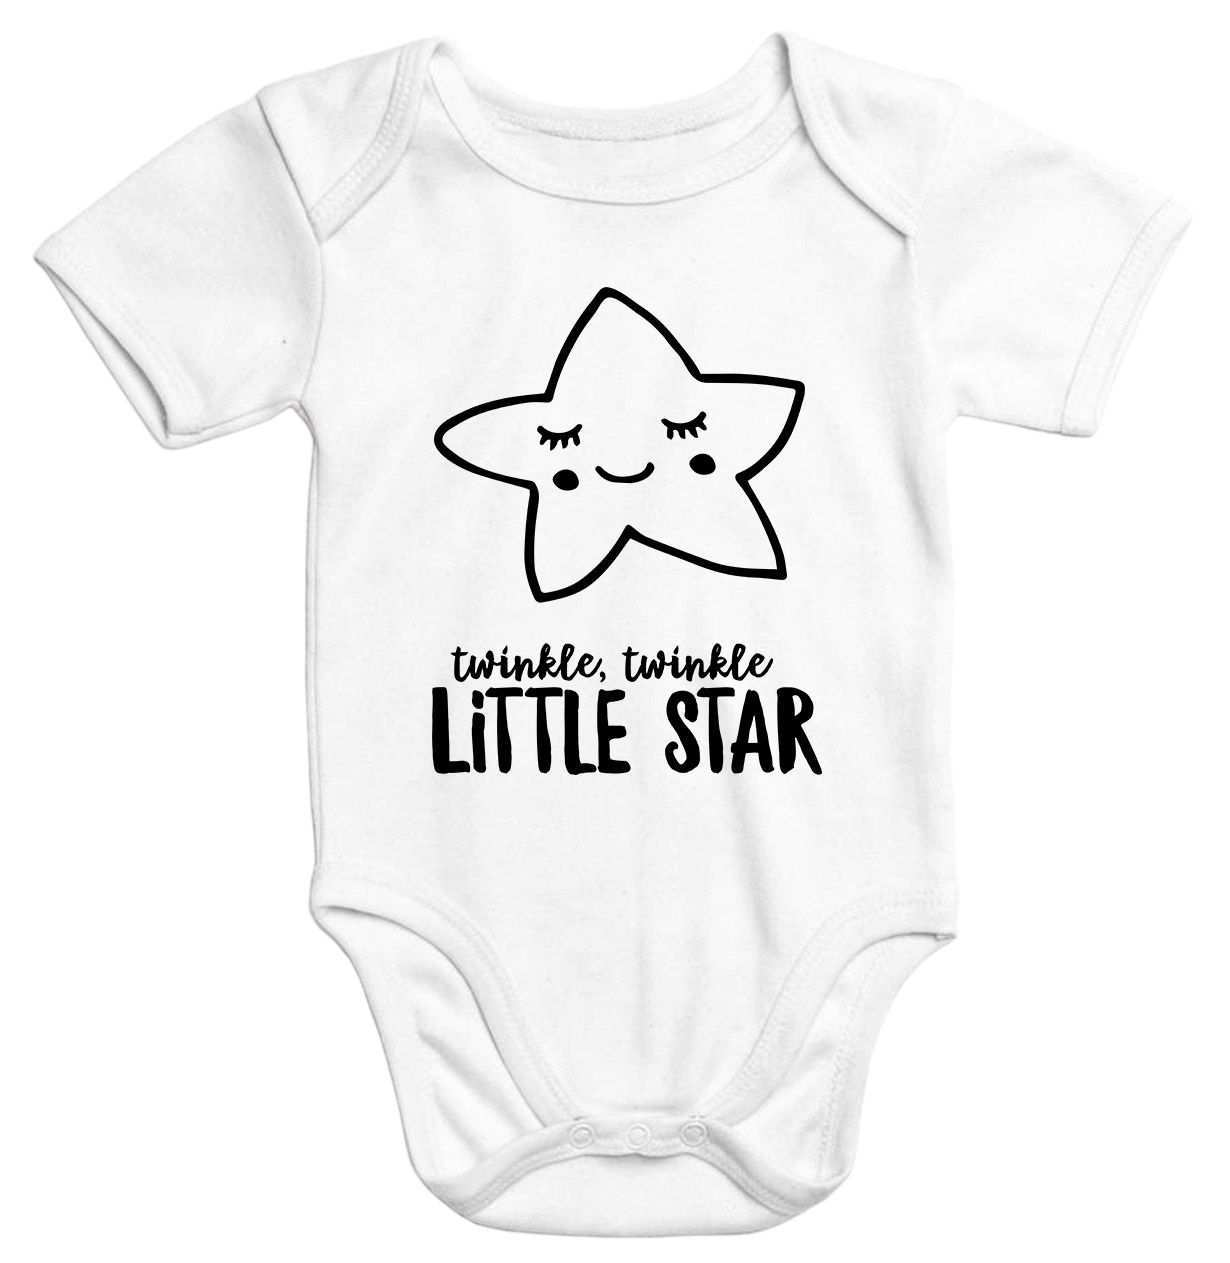 Baby Body Mit Stern Aufdruck Twinkle Twinkle Little Star Bio Baumwolle Kurzarm Moonworks Baby Body Spruche Baby Klamotten Madchen Babybody